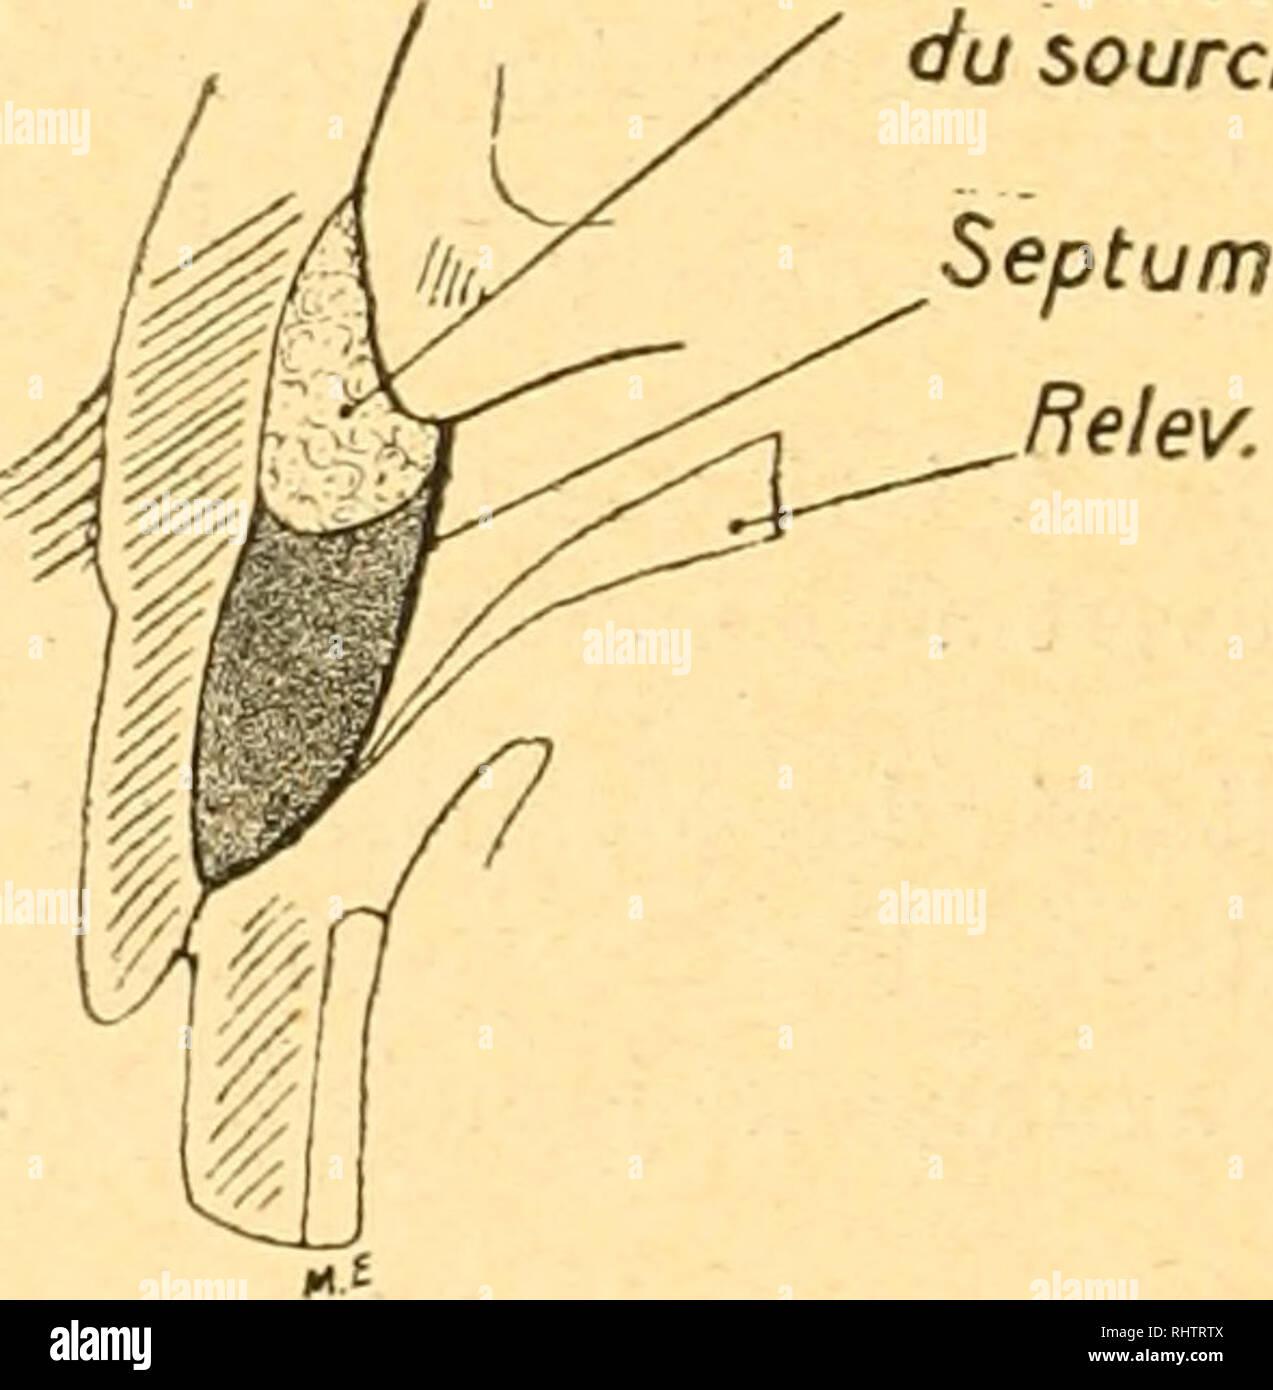 """. Bibliographie anatomique. L'anatomie humaine, histologie; Embryologie, humain. Le relevé. Coussinet du sourcil. Fig. 2. Injections superficielles â. A. aous-cutauà Injection©e abondante simulant un Åil poché. L'injection faite en avant de l'orbiculaire une traveraé le muscle qui est noyé dans la masse. Une petite partie de l'injection, décolorée, un transsudé: en haut, en ar- rièeptiim re du Â""""orbitaire, le long de son accolemi-nt au releveur; en bas, en avant du tarse, B. sous-mnsculaire Injection danÂ"""" l'espace précommunication interventriculaire. L'injection, poussée en trà¨s petite quantité, est contenue entre le cou Banque D'Images"""